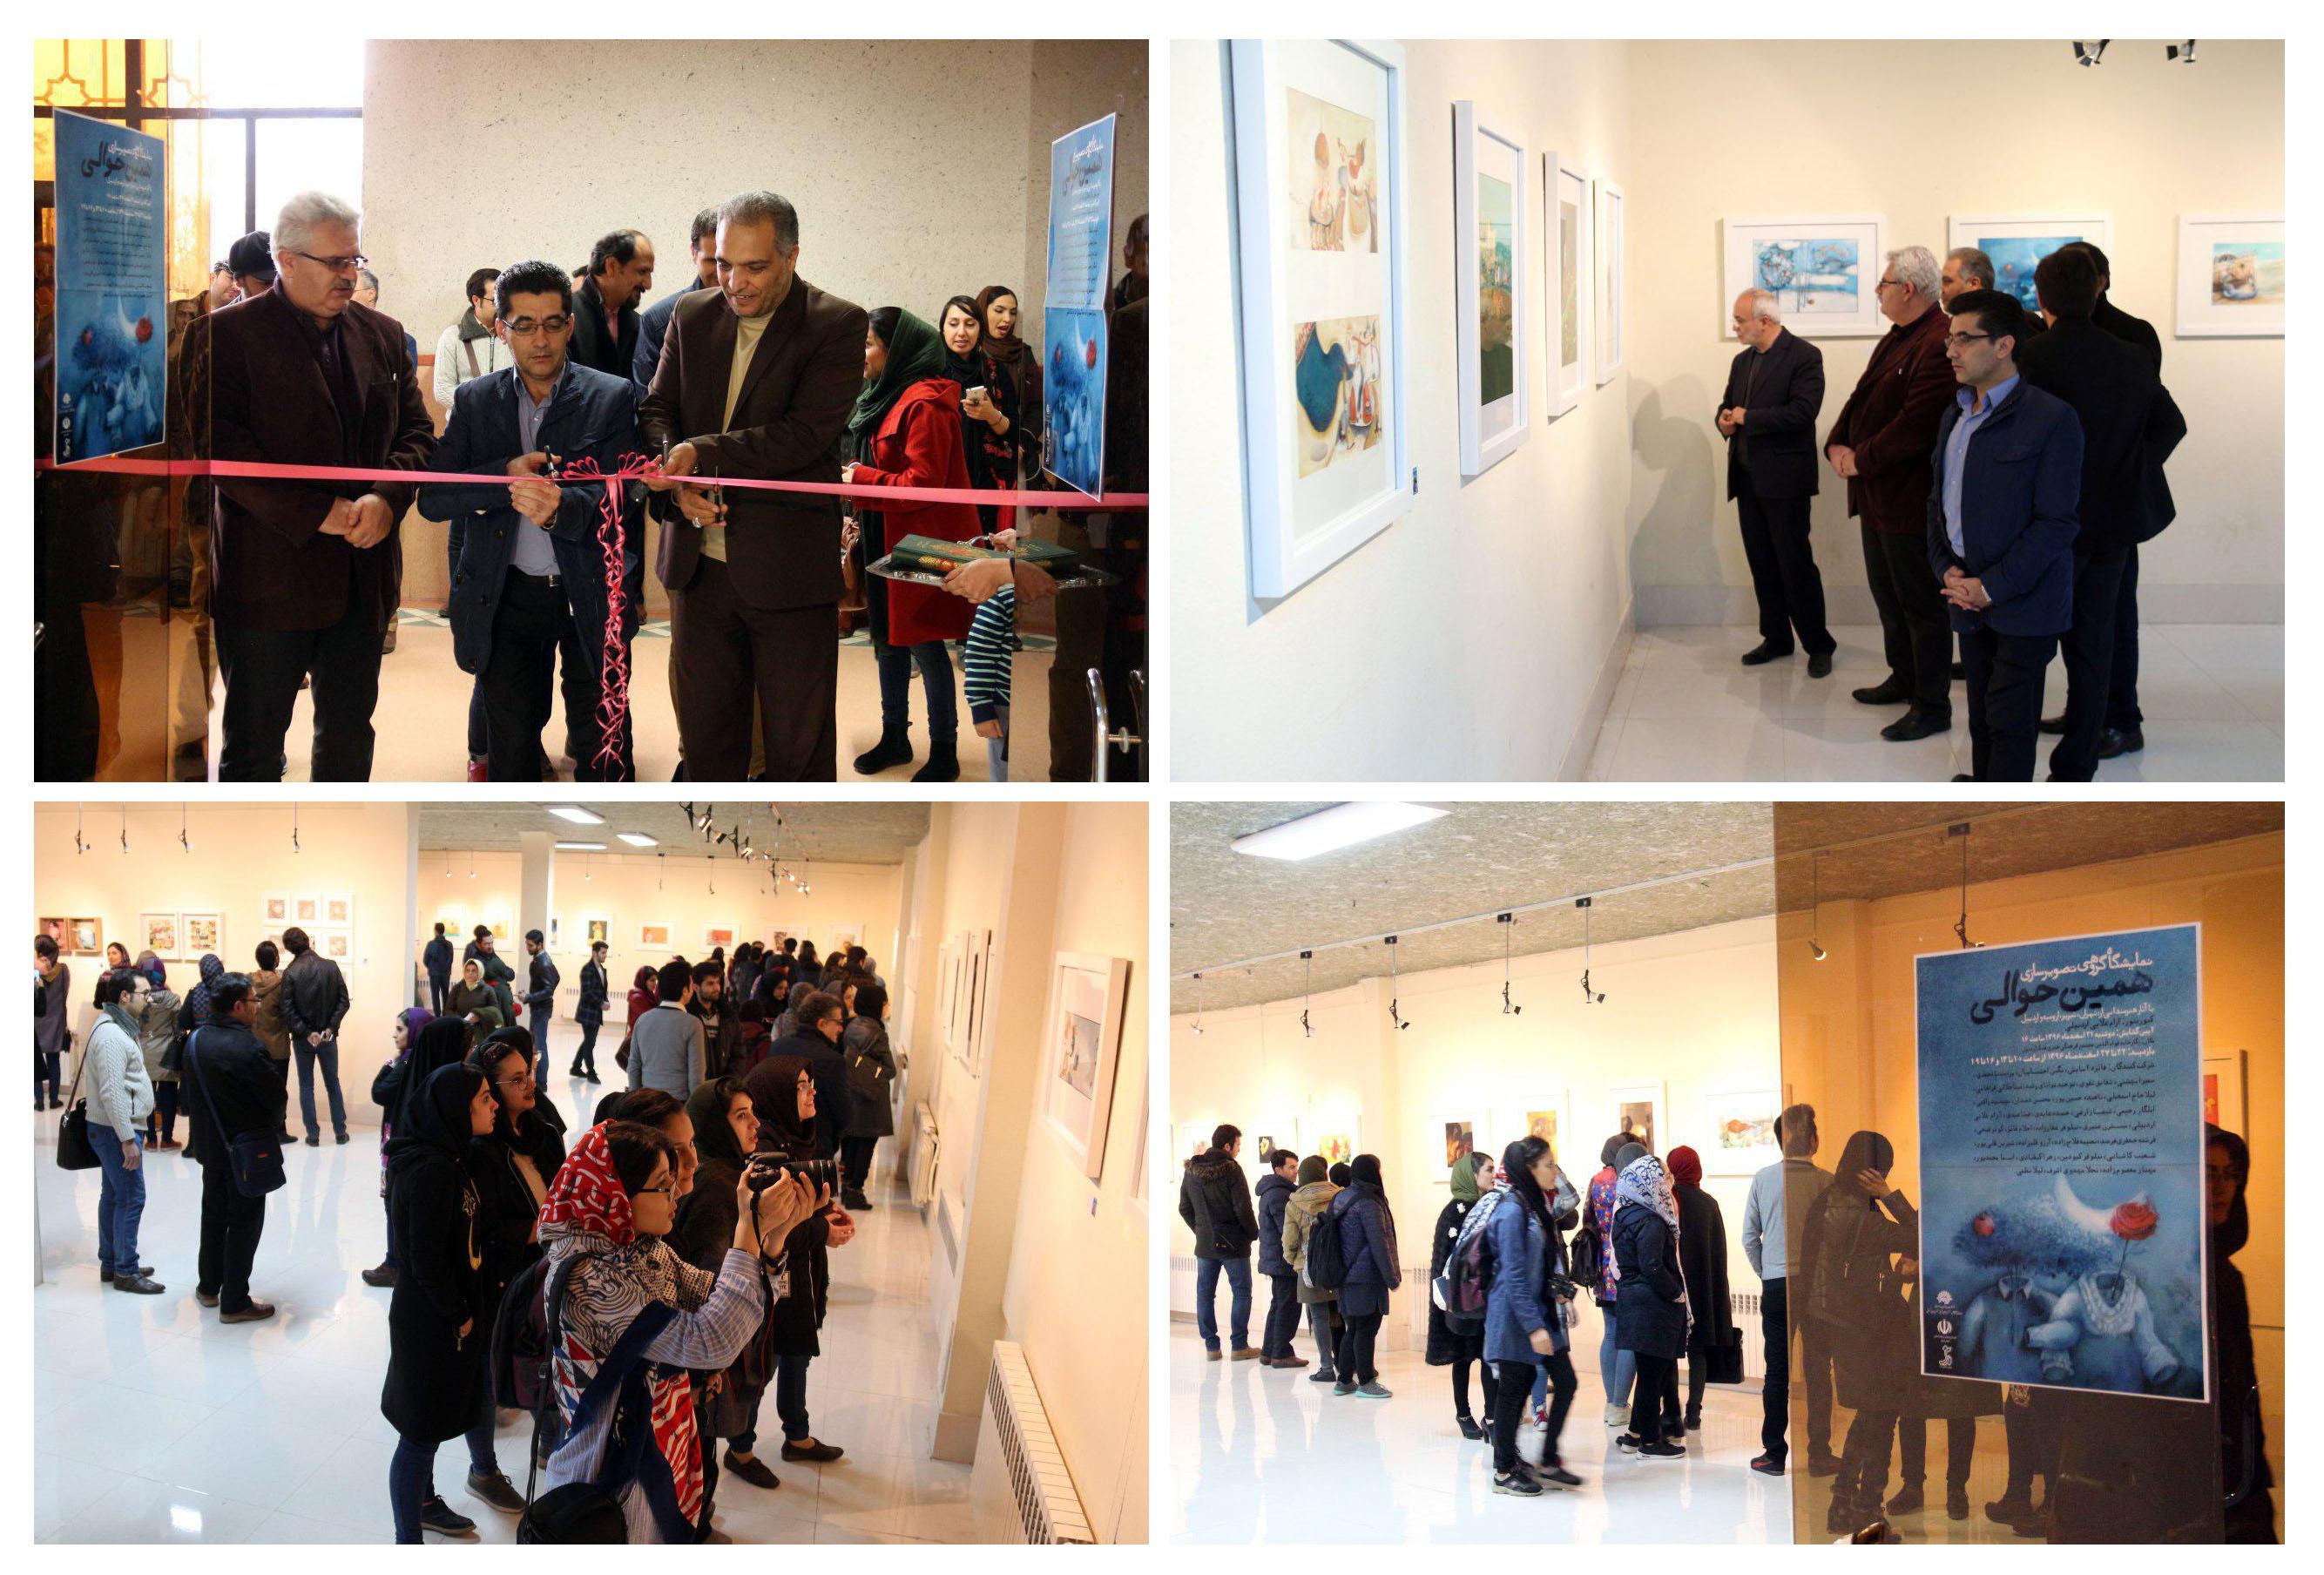 گزارش تصویری نخستین نمایشگاه گروهی تصویرسازی در نگارخانه قوام الدین مجتمع فرهنگی هنری فدک اردبیل